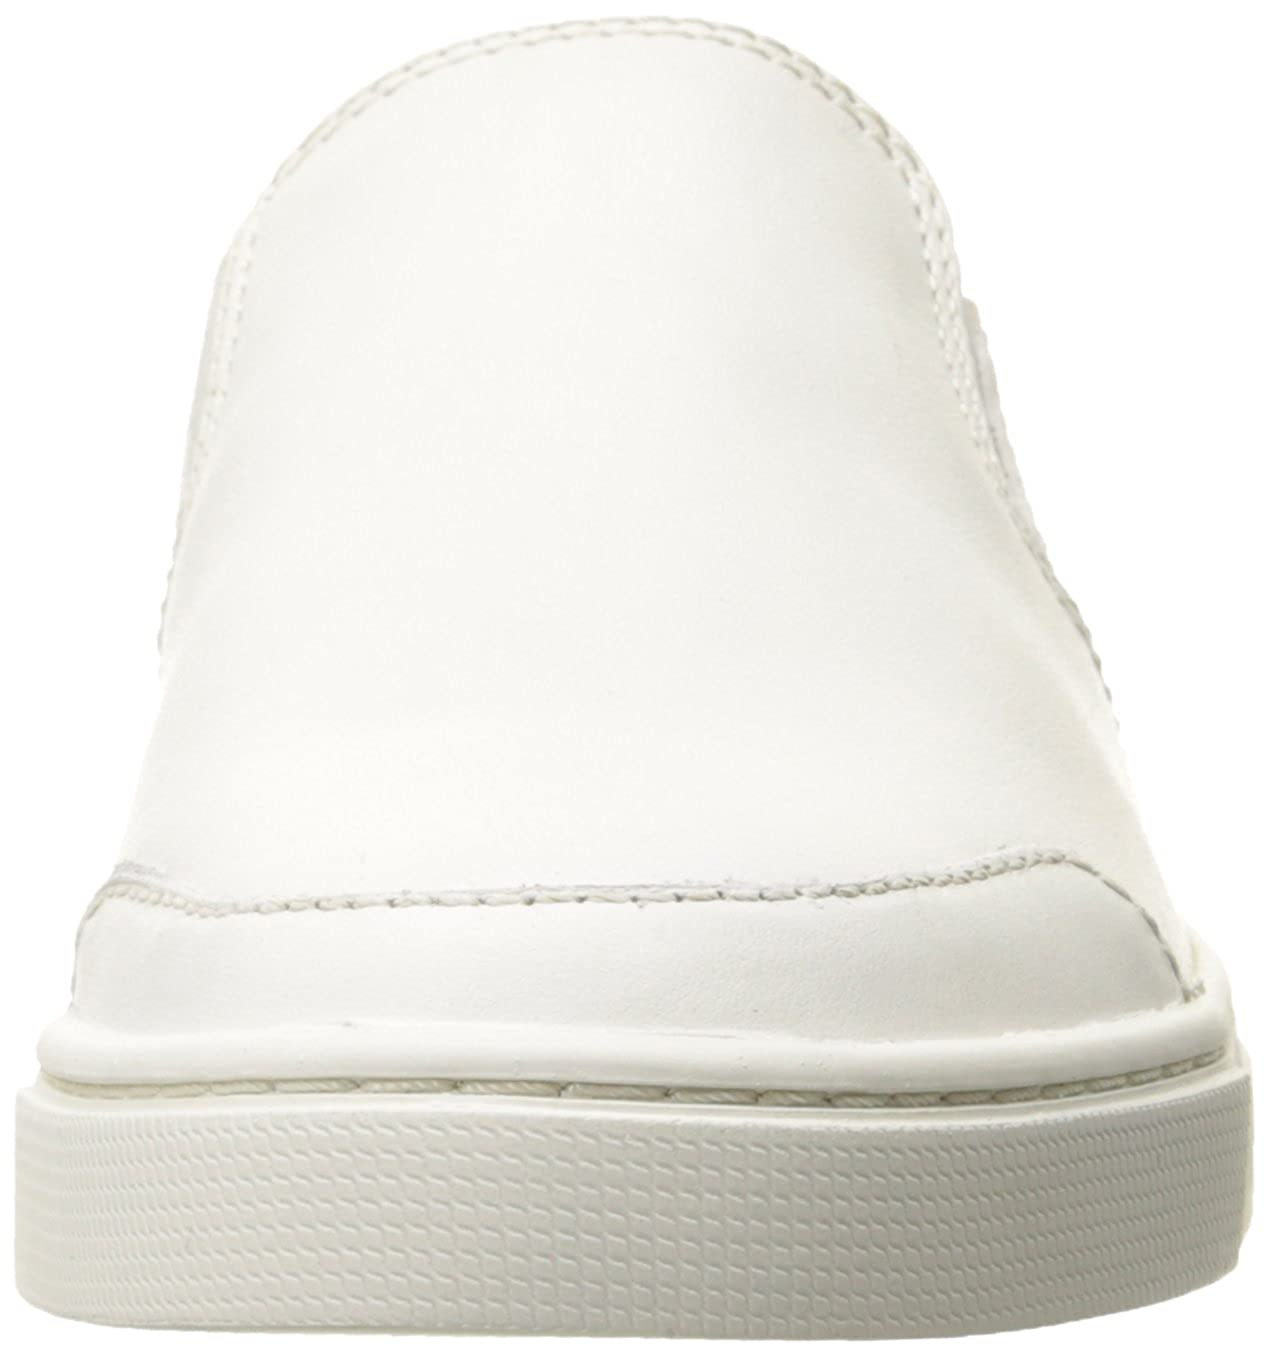 FRYE Women's Gemma Slip Fashion Sneaker, Charcoal Leather, 11 M US